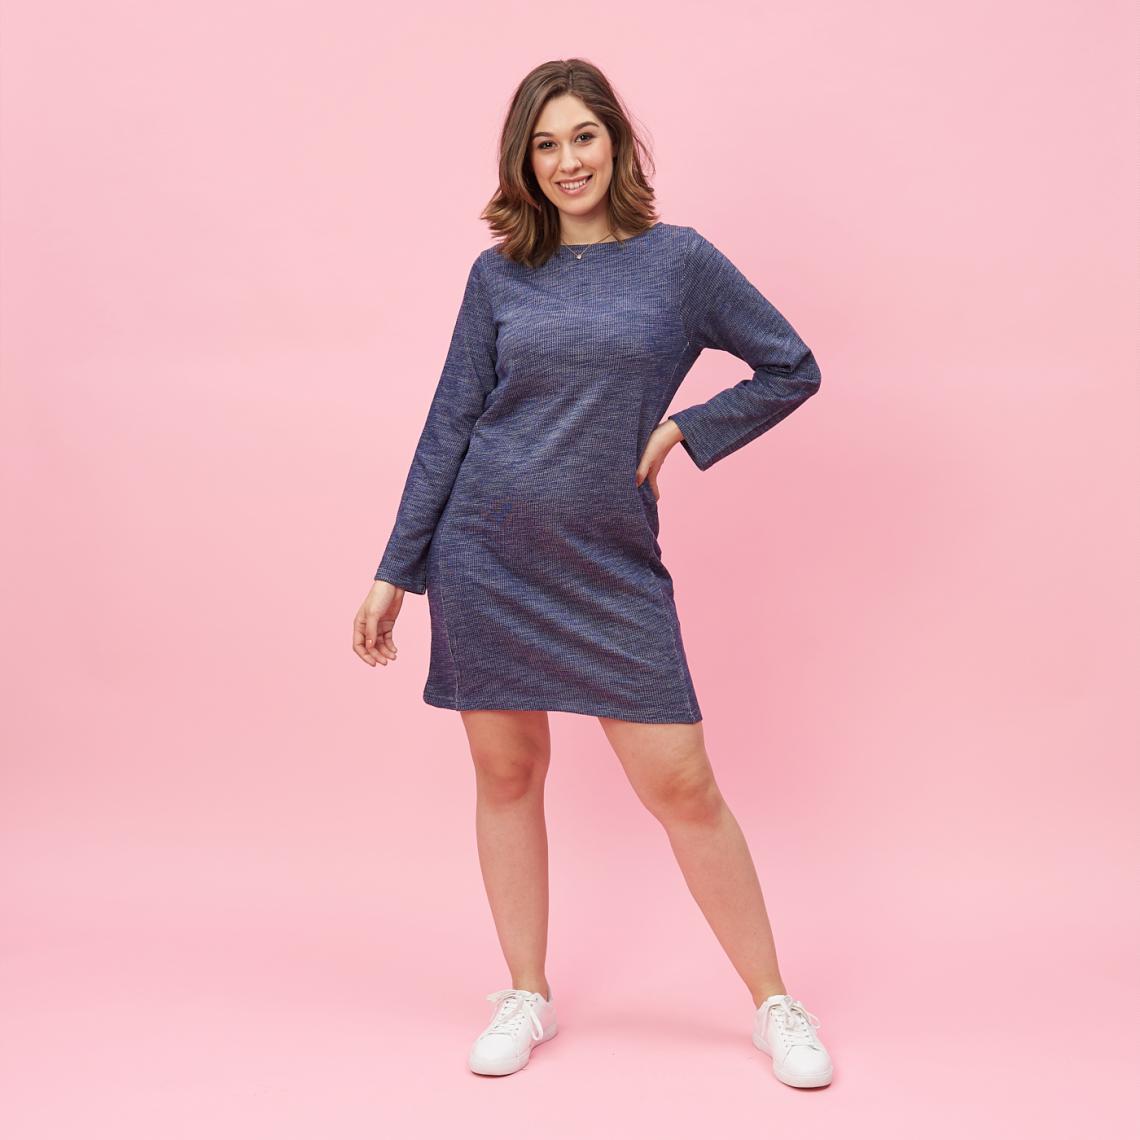 Robe courte cintrée manches longues - Bleu - 3 SUISSES - Modalova